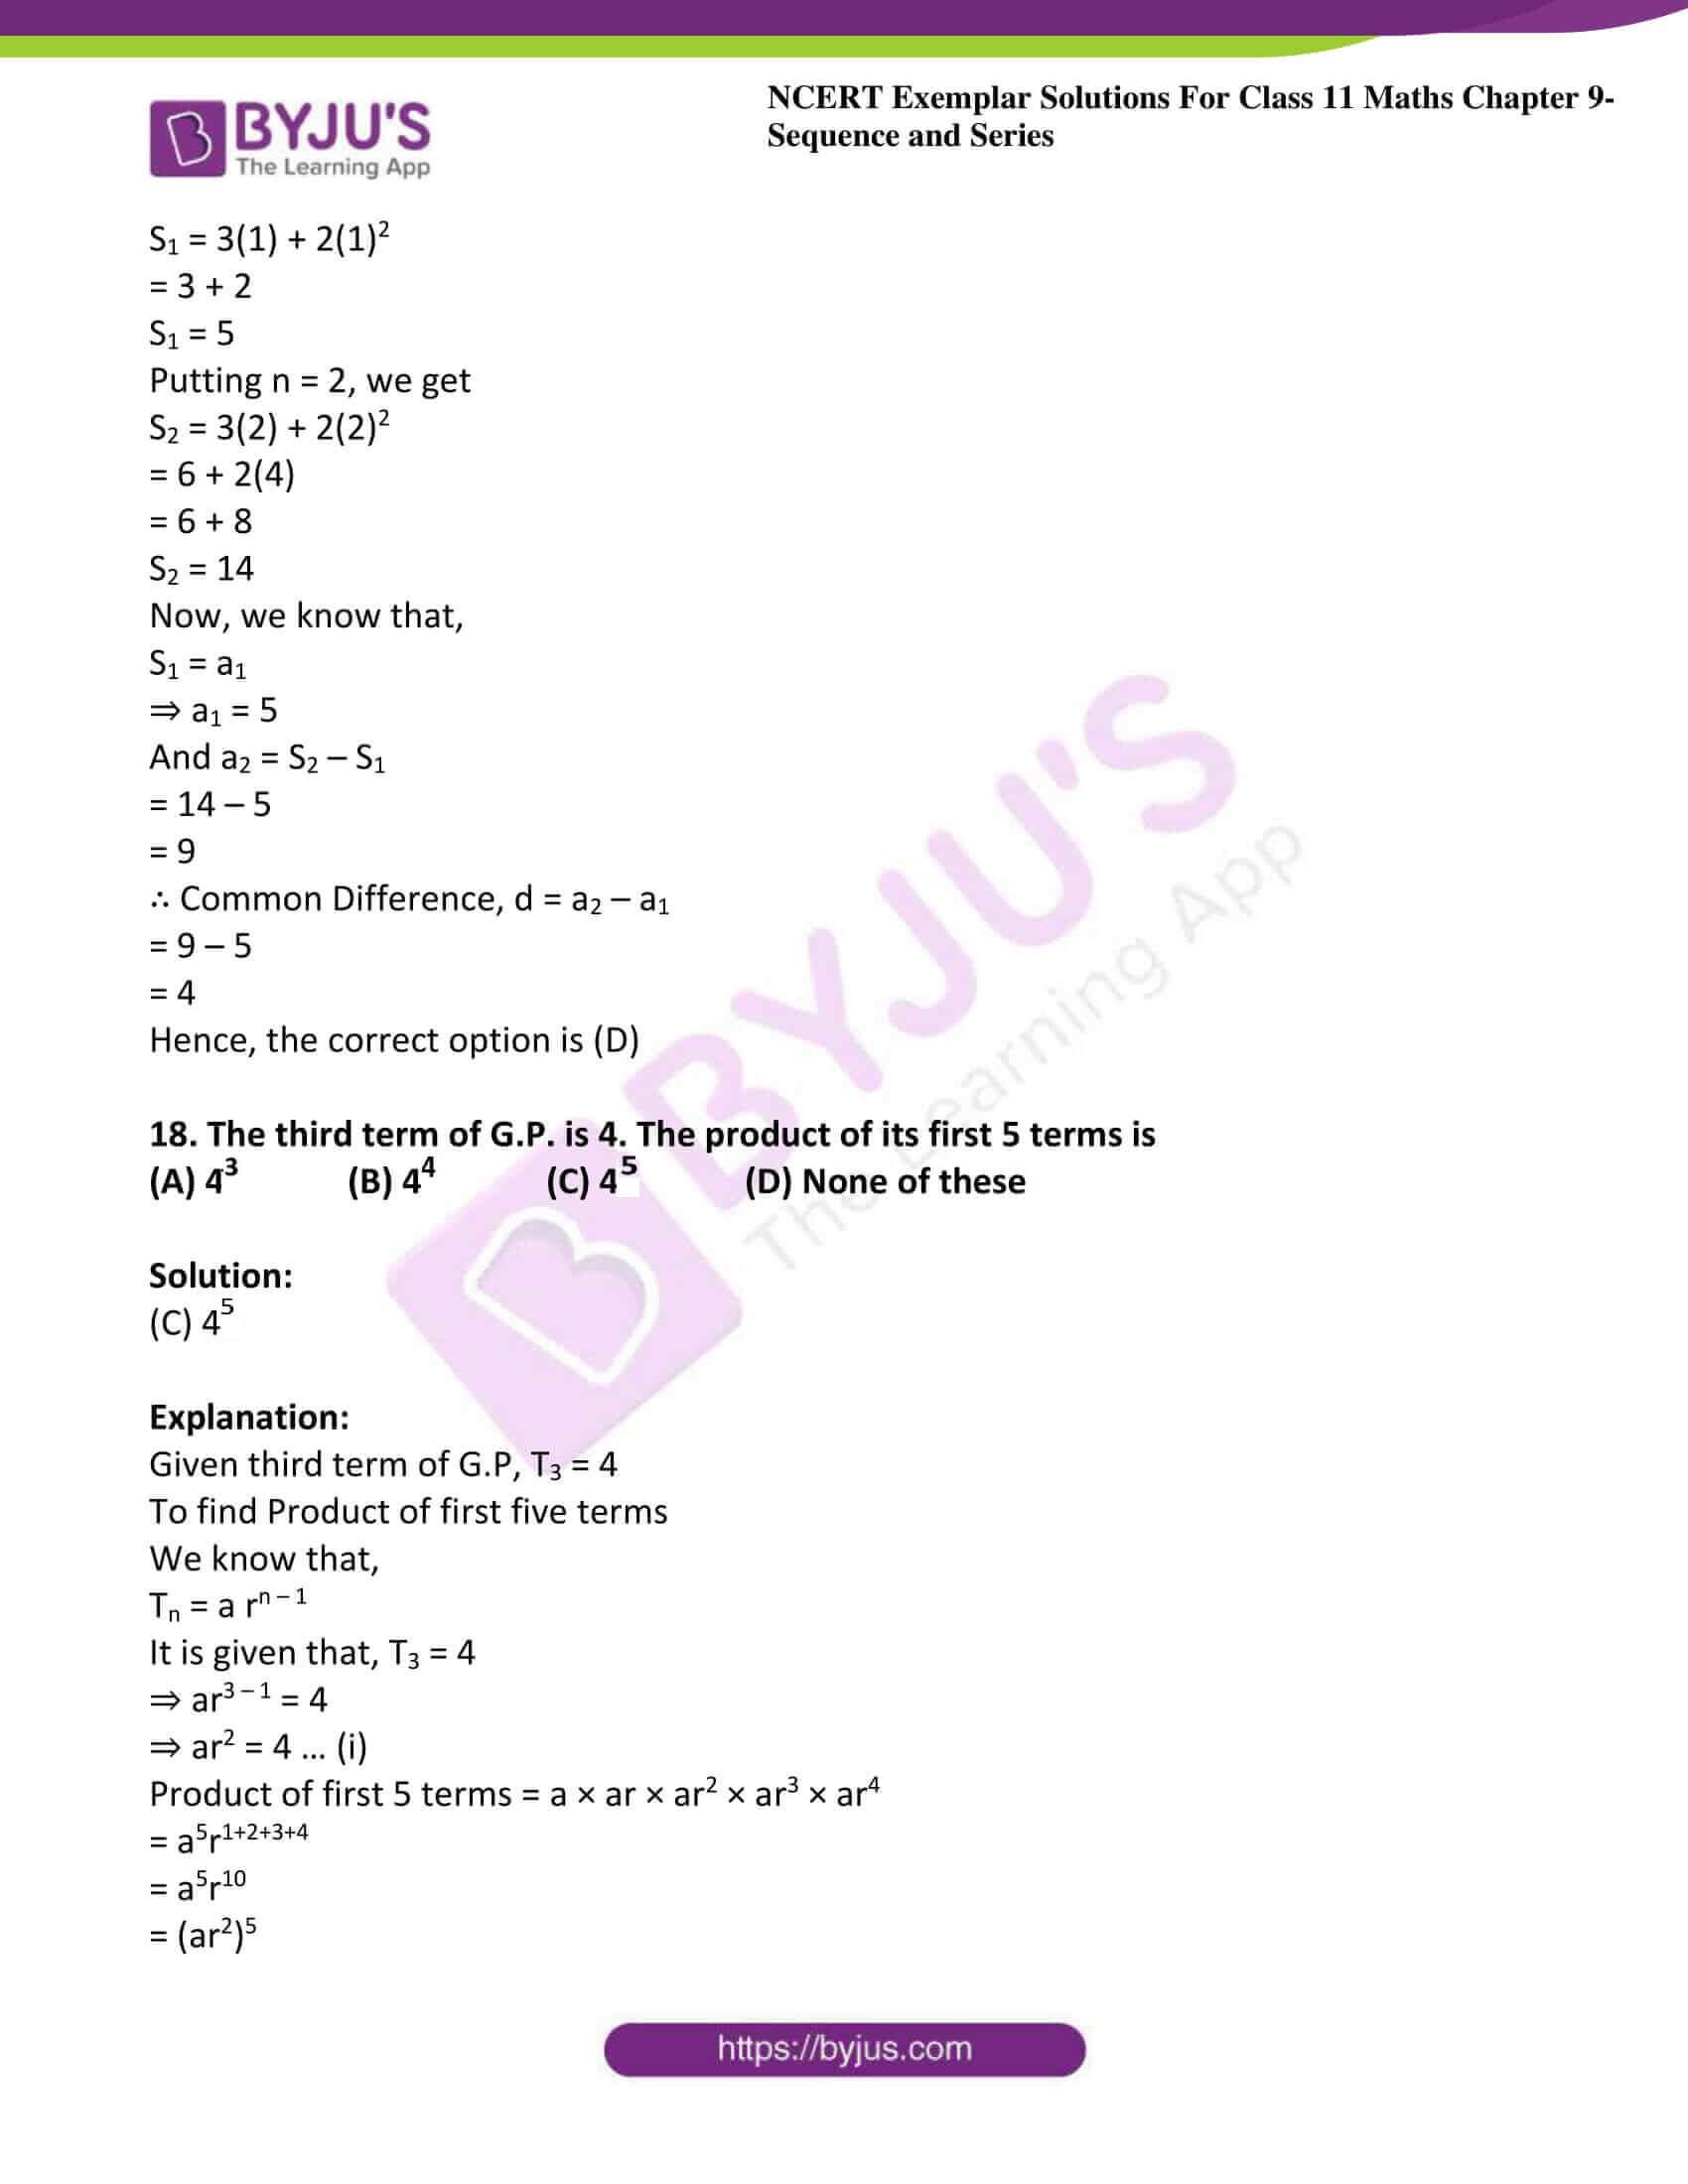 ncert exemplar sol class 11 maths chpt 9 sequence 21